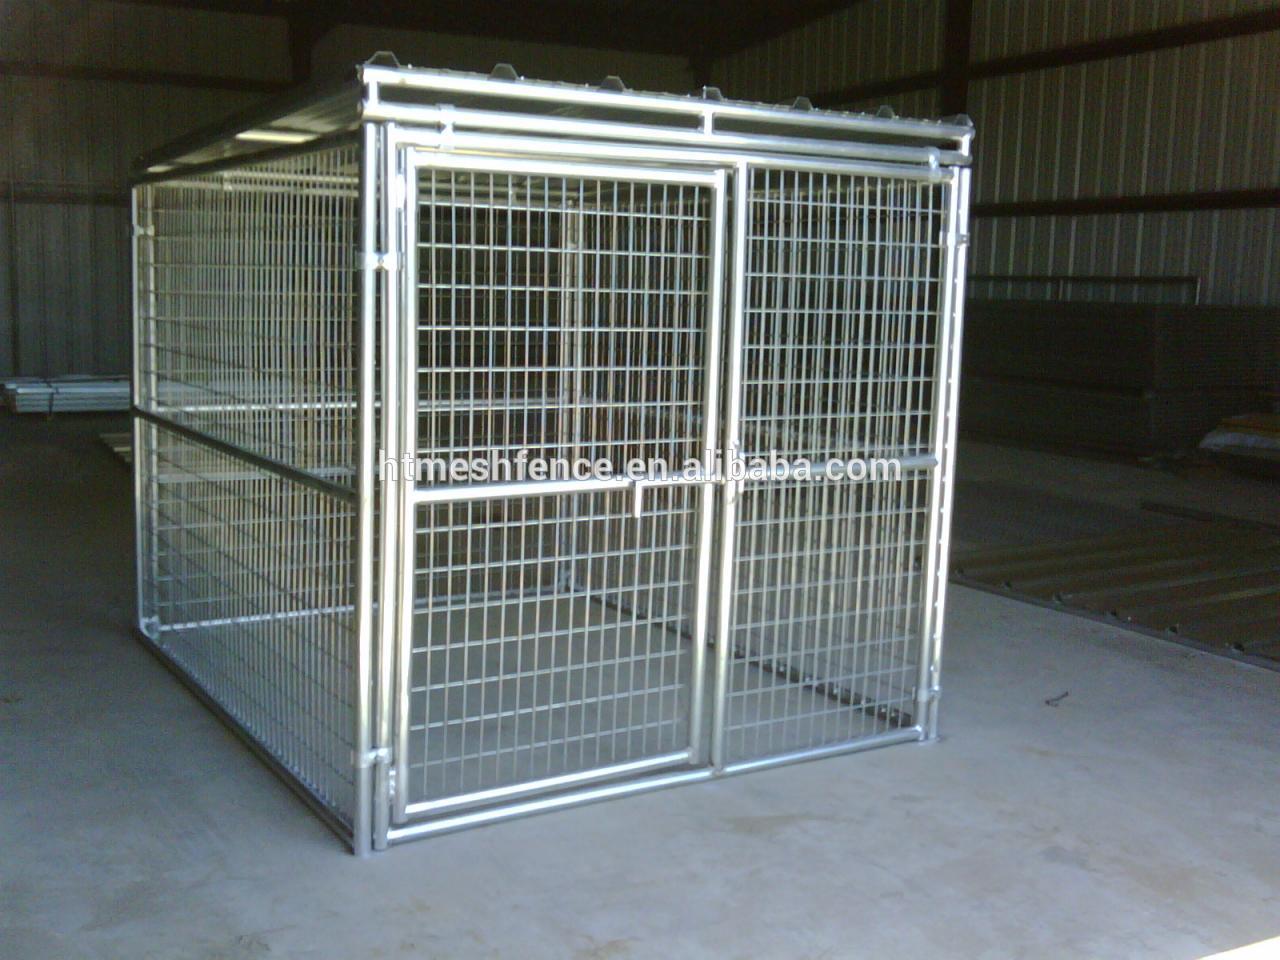 6ft dog kennel cage/Welding Kennel/Metal Dog House/dog cage